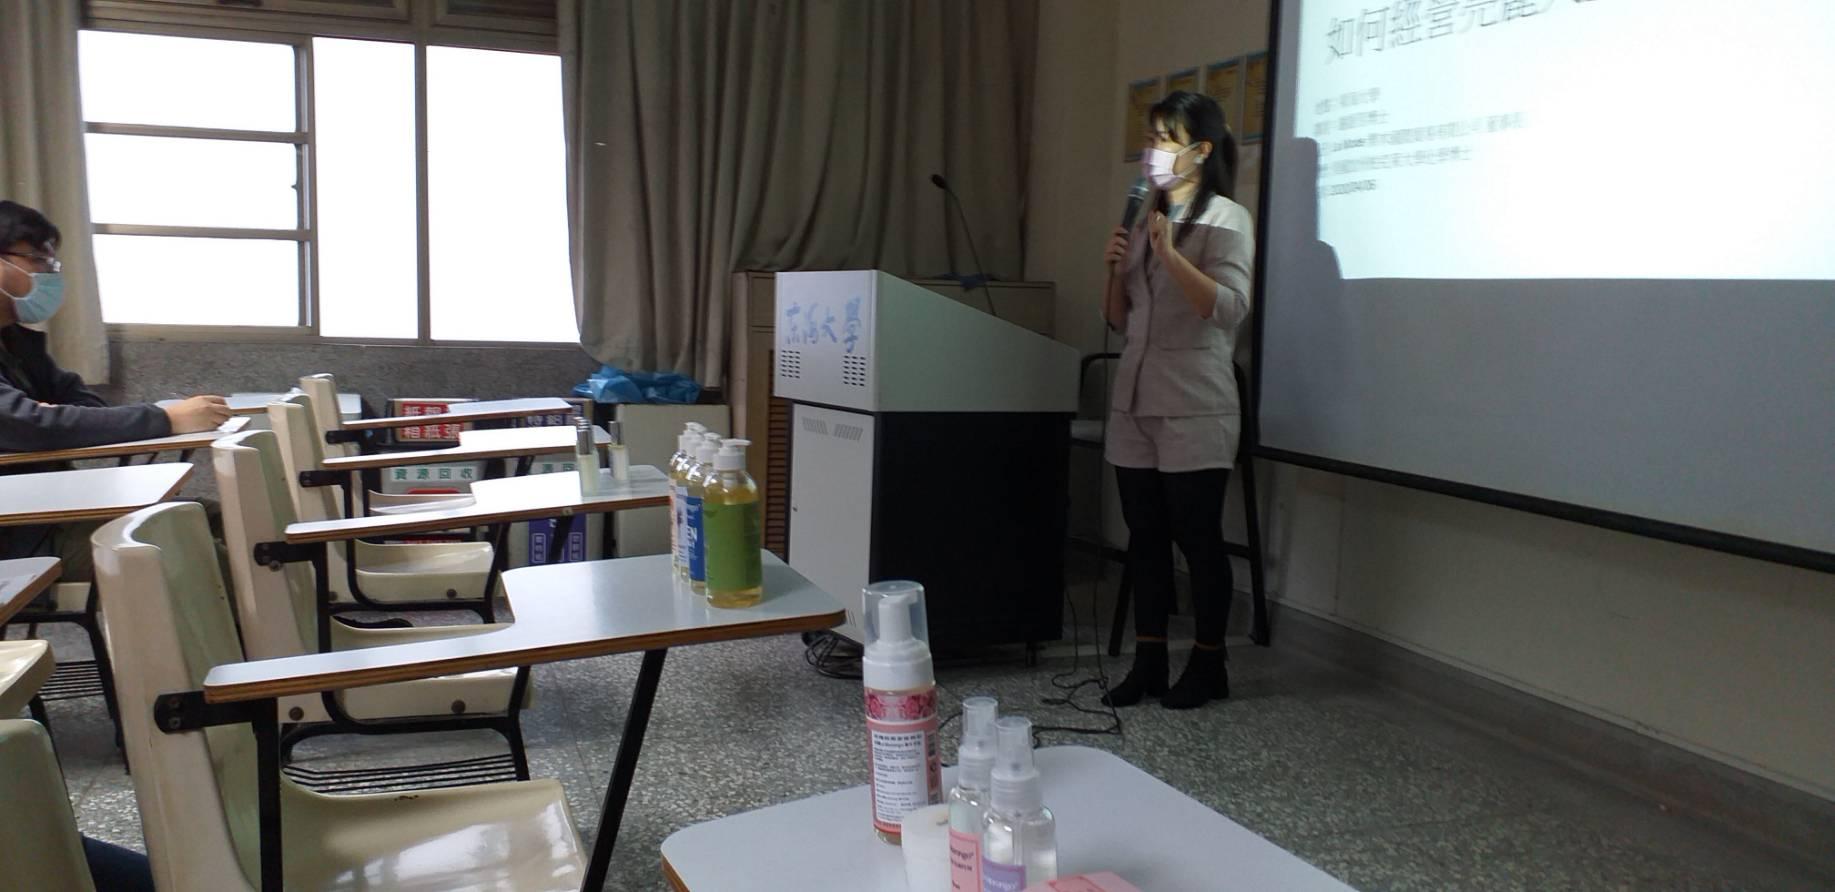 109年4月6日邀請樂木國際貿易有限公司董事長謝語芳博士專題演講:化學傳產玩出新創意-給職涯化學新鮮人的實用建議